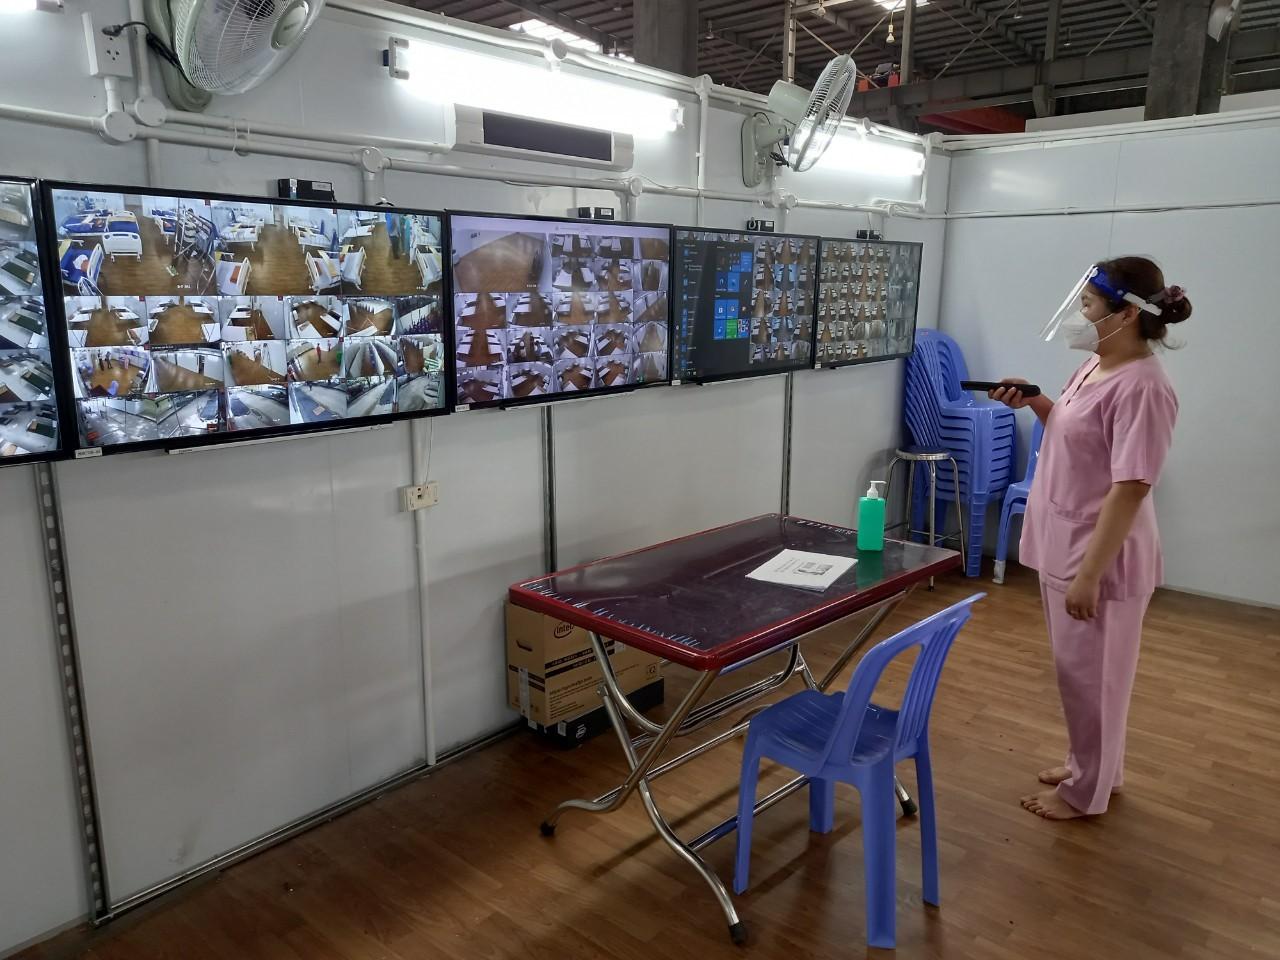 Theo dõi bệnh nhân qua màn hình tại BV dã chiến 16. Ảnh: Hà Văn Đạo.